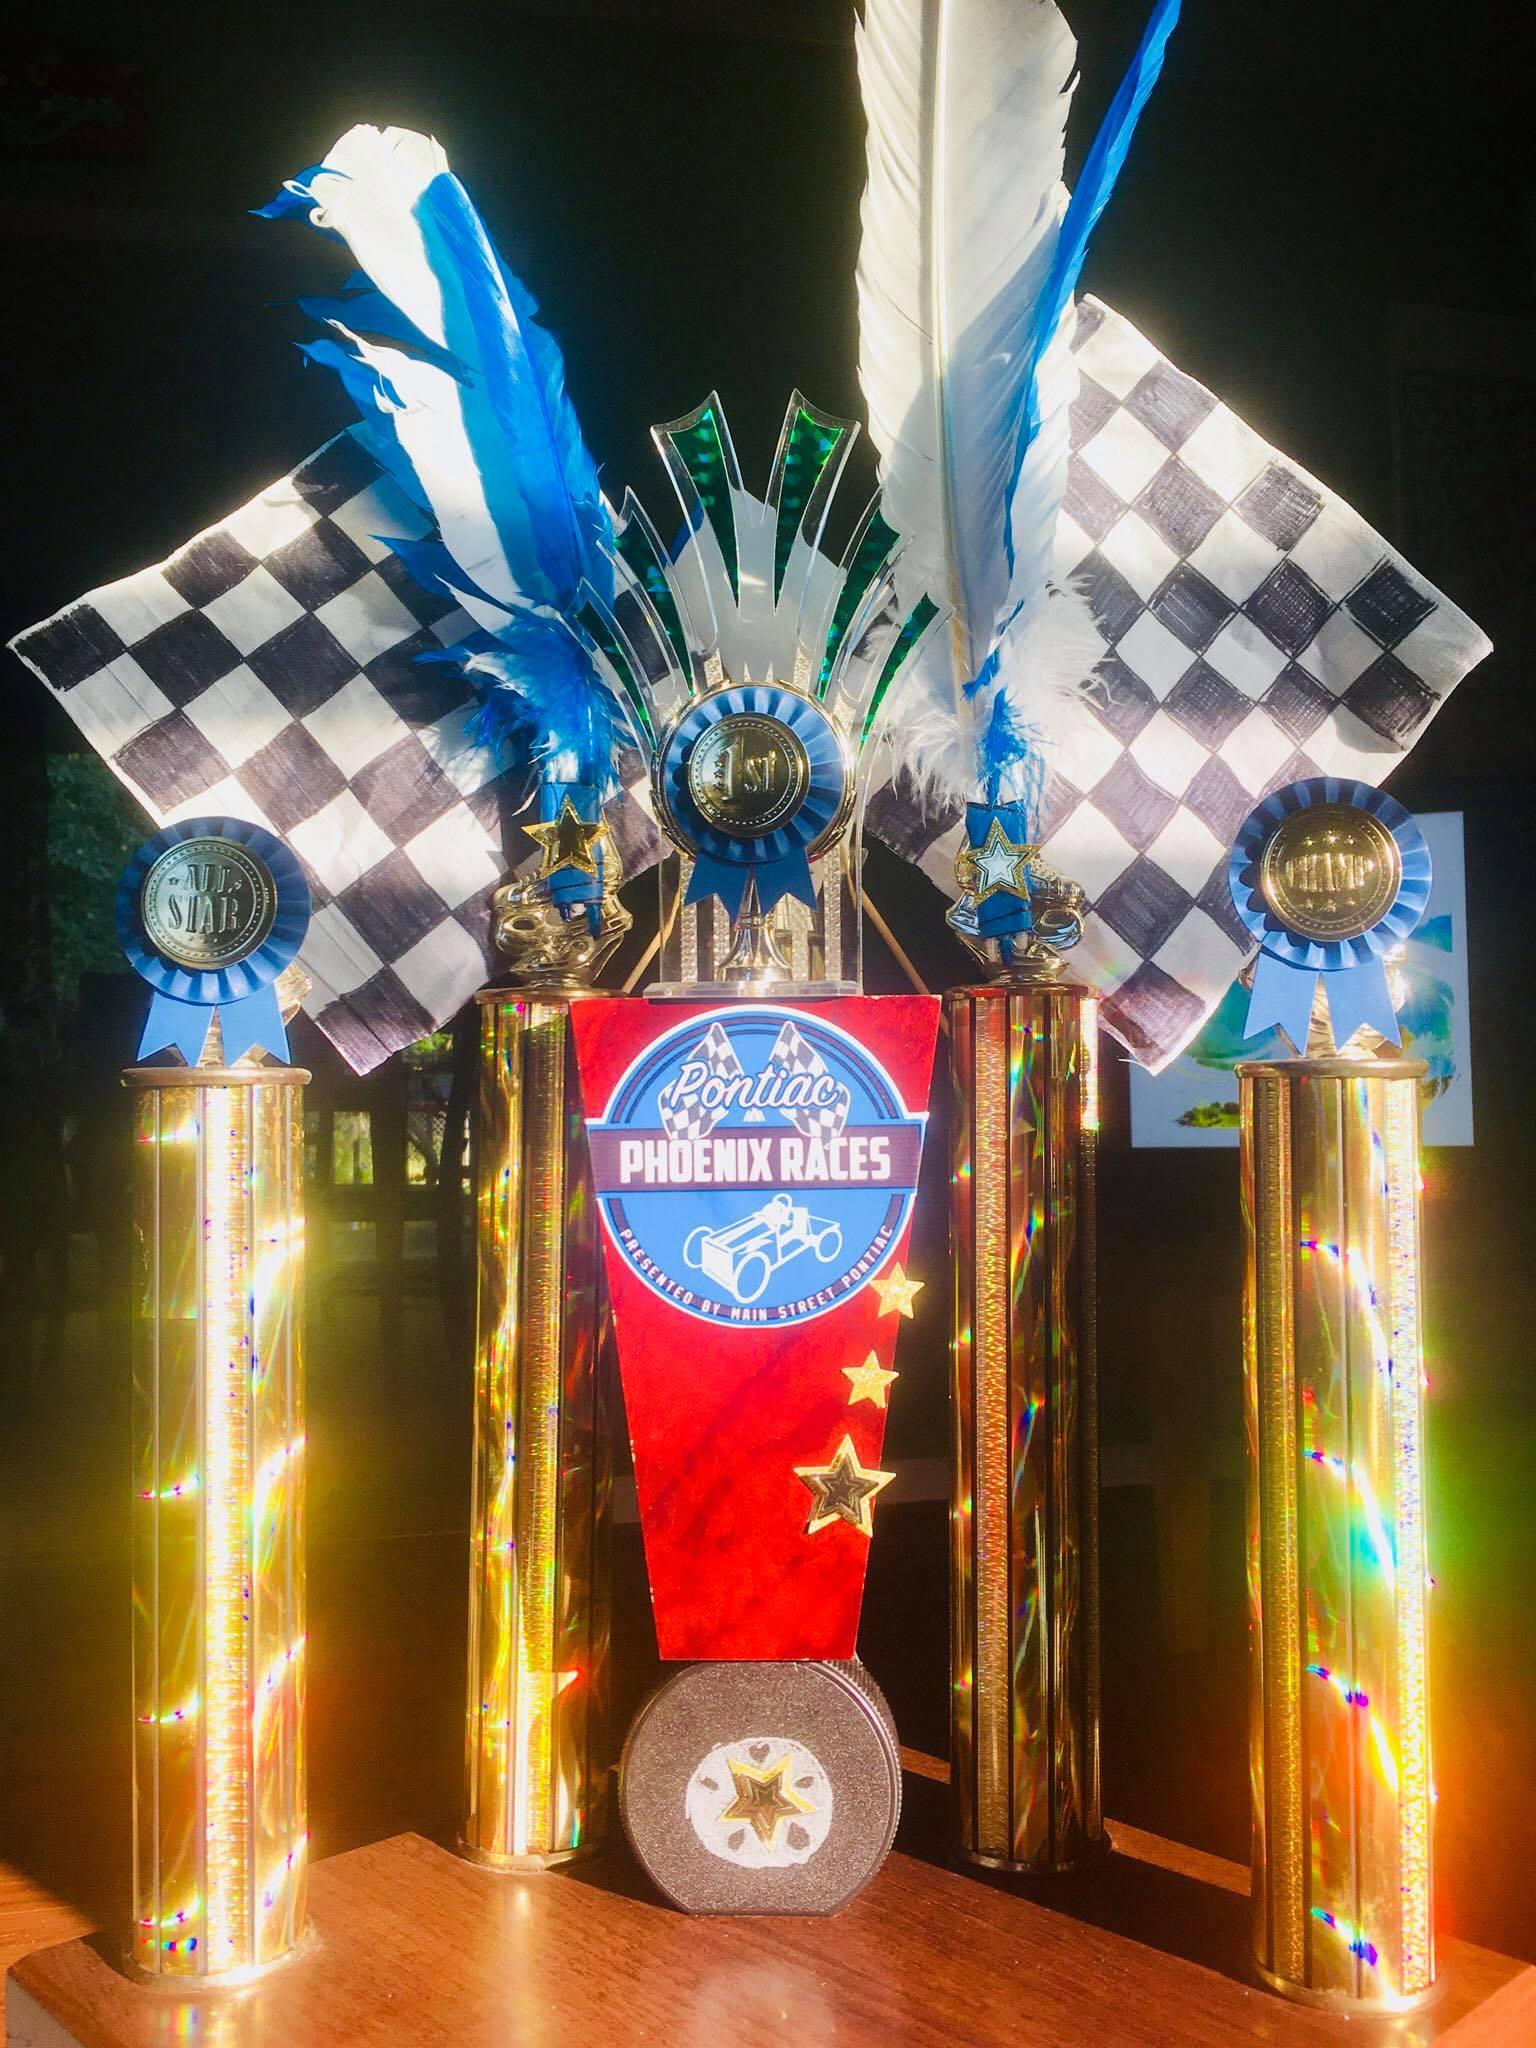 Pontiac Phoenix Races -Adult Races